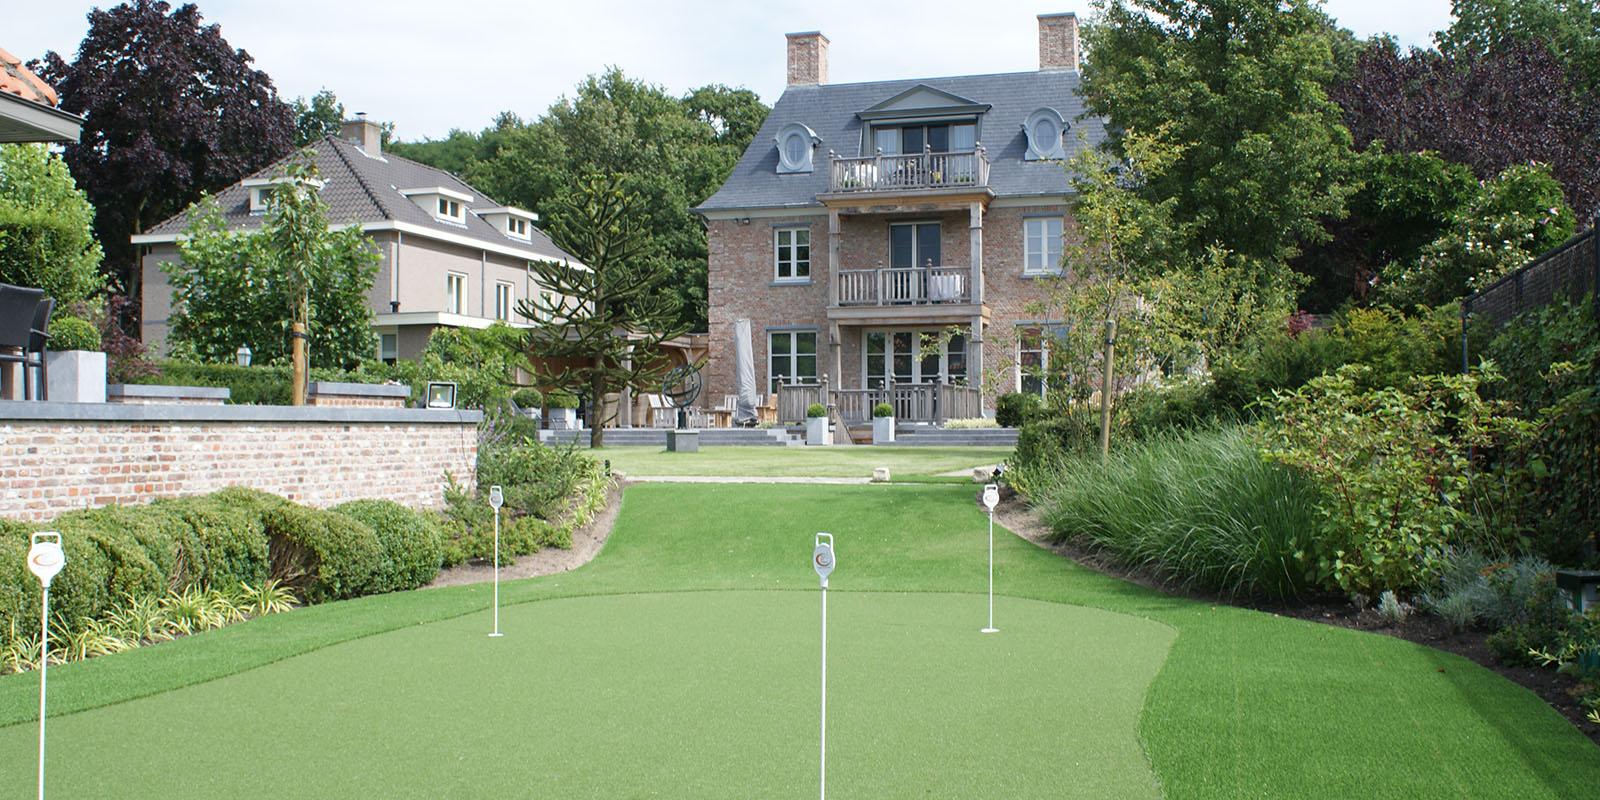 woonbeurs, dutch golf company, race simulator, golf simulator, the art of living, event, event voor wonen, beurs voor wonen